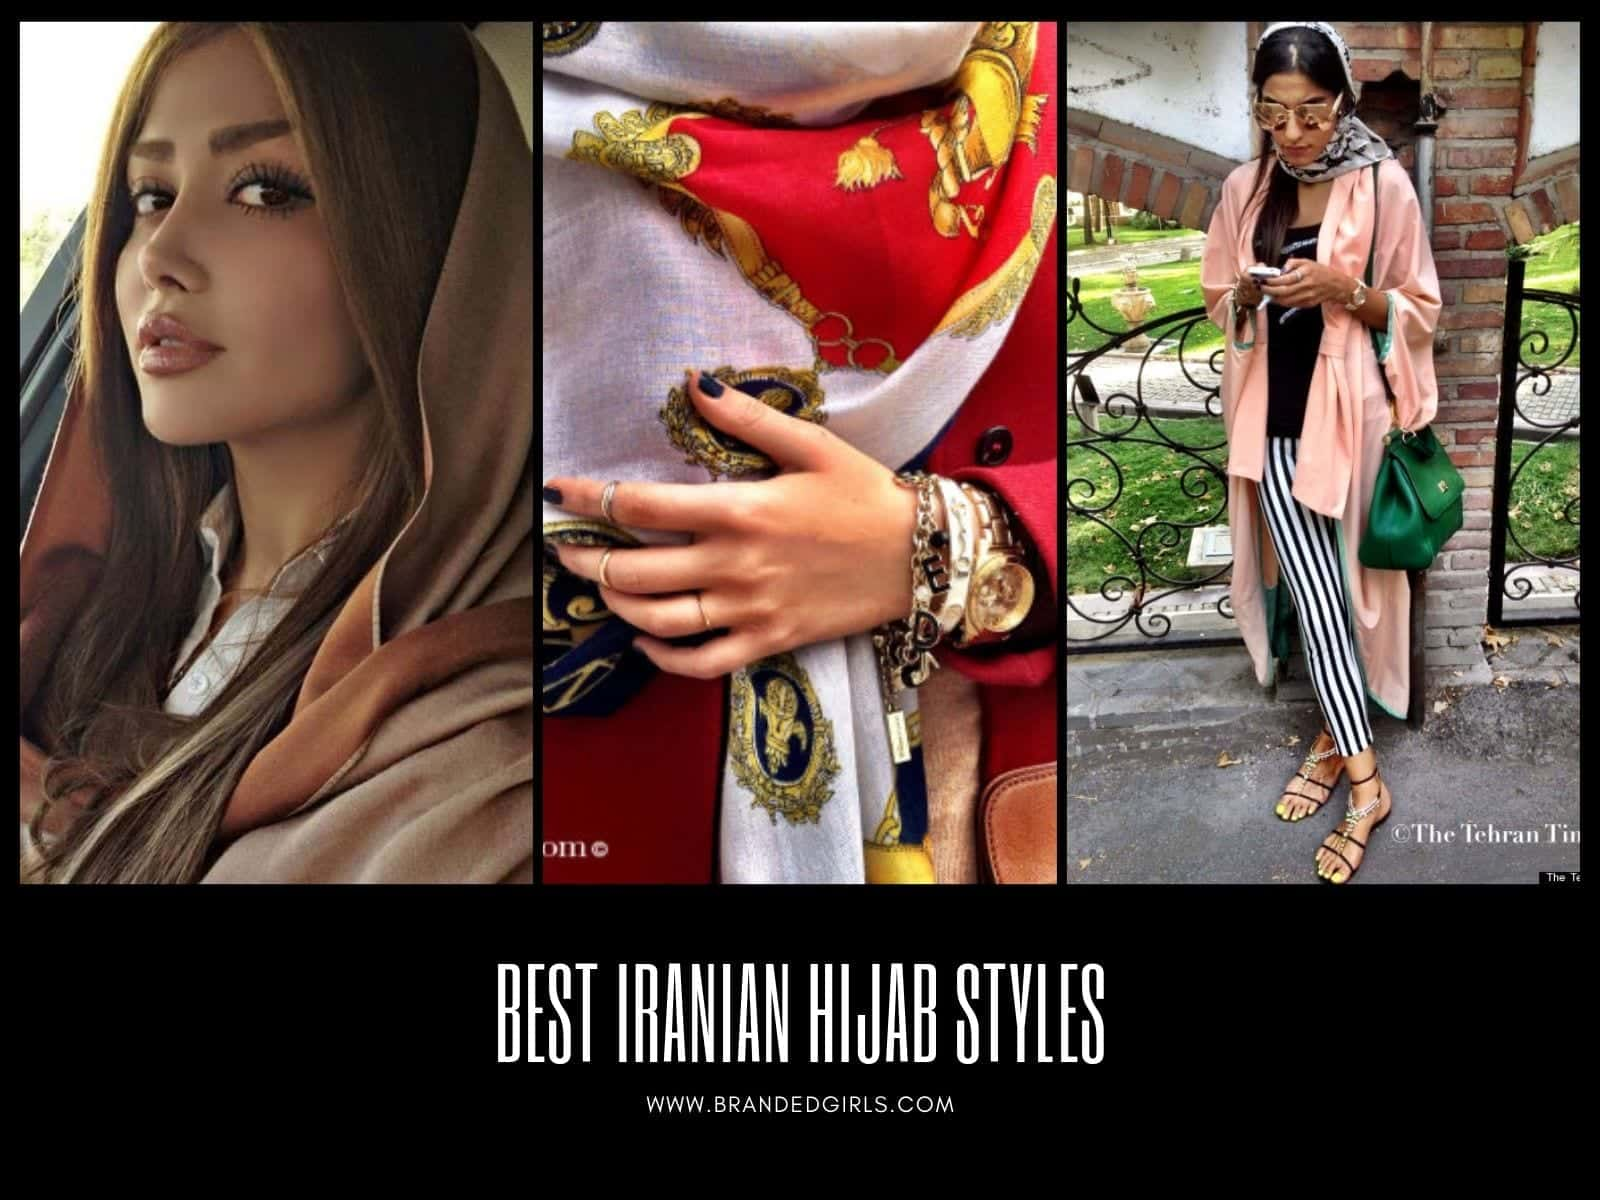 Iran-Hijab-Styles 20 Best Iranian Hijab Style-Step by Step Irani Hijab Tutorial